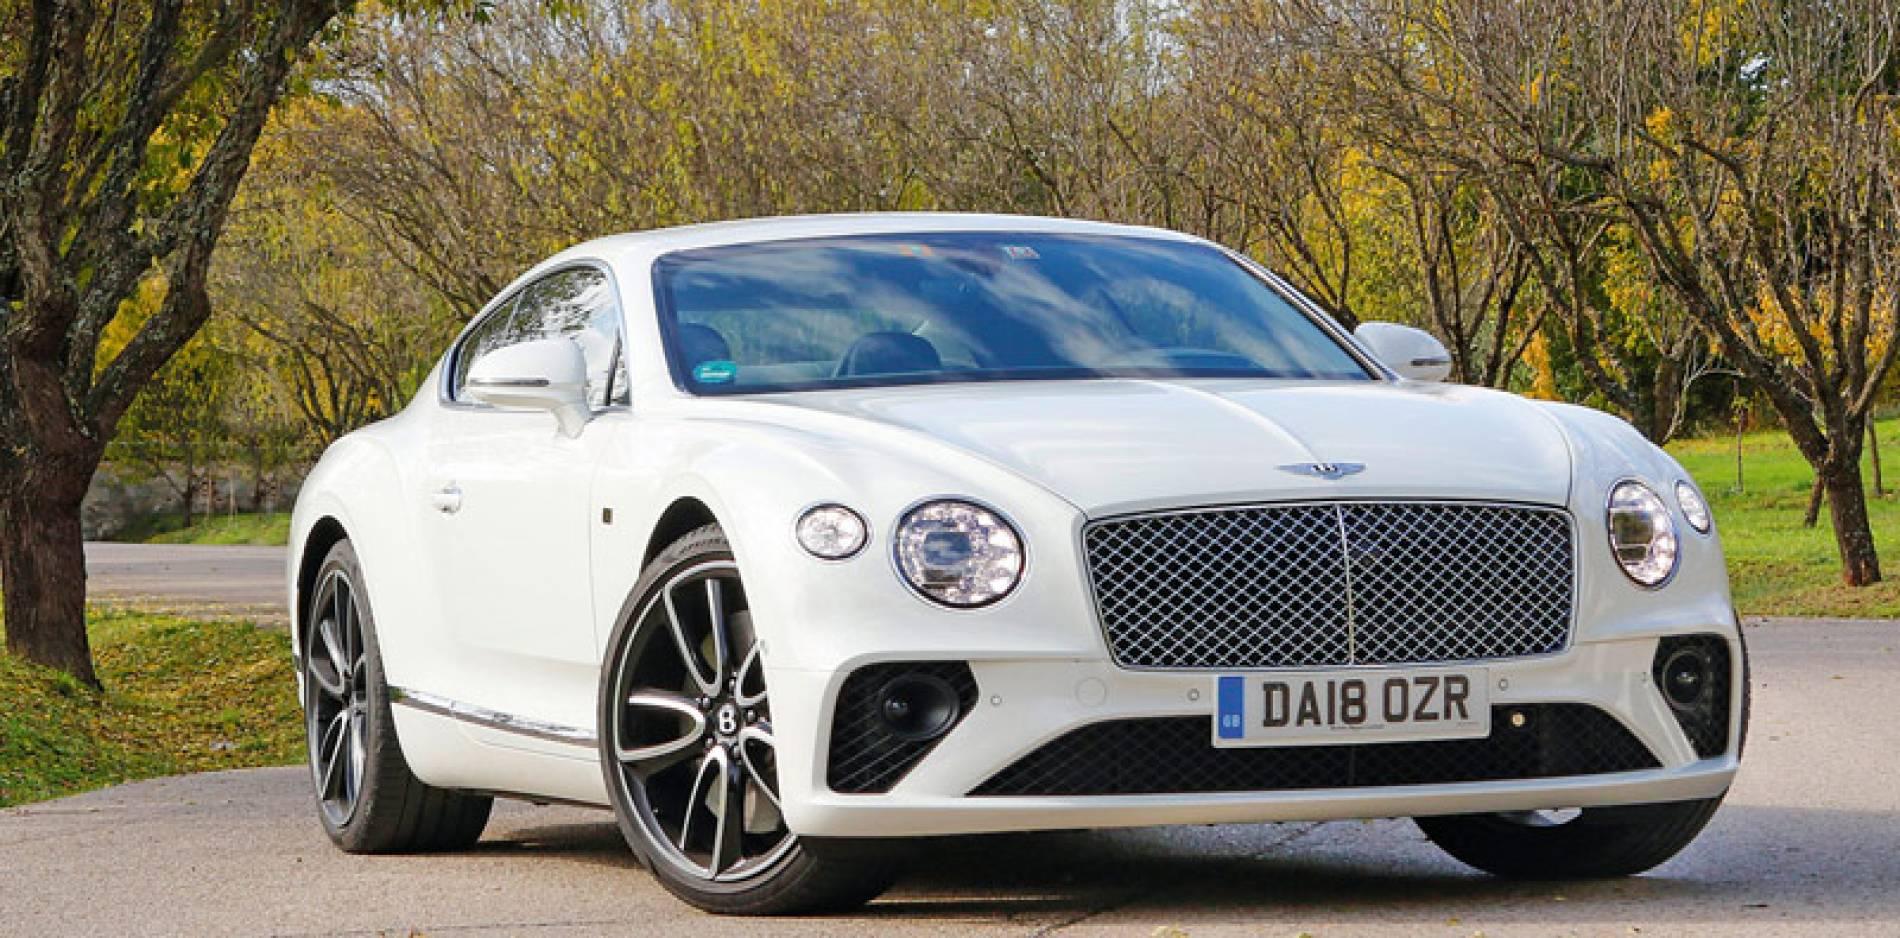 Prueba superclase, Bentley Continental GT First Edition, la joya más veloz